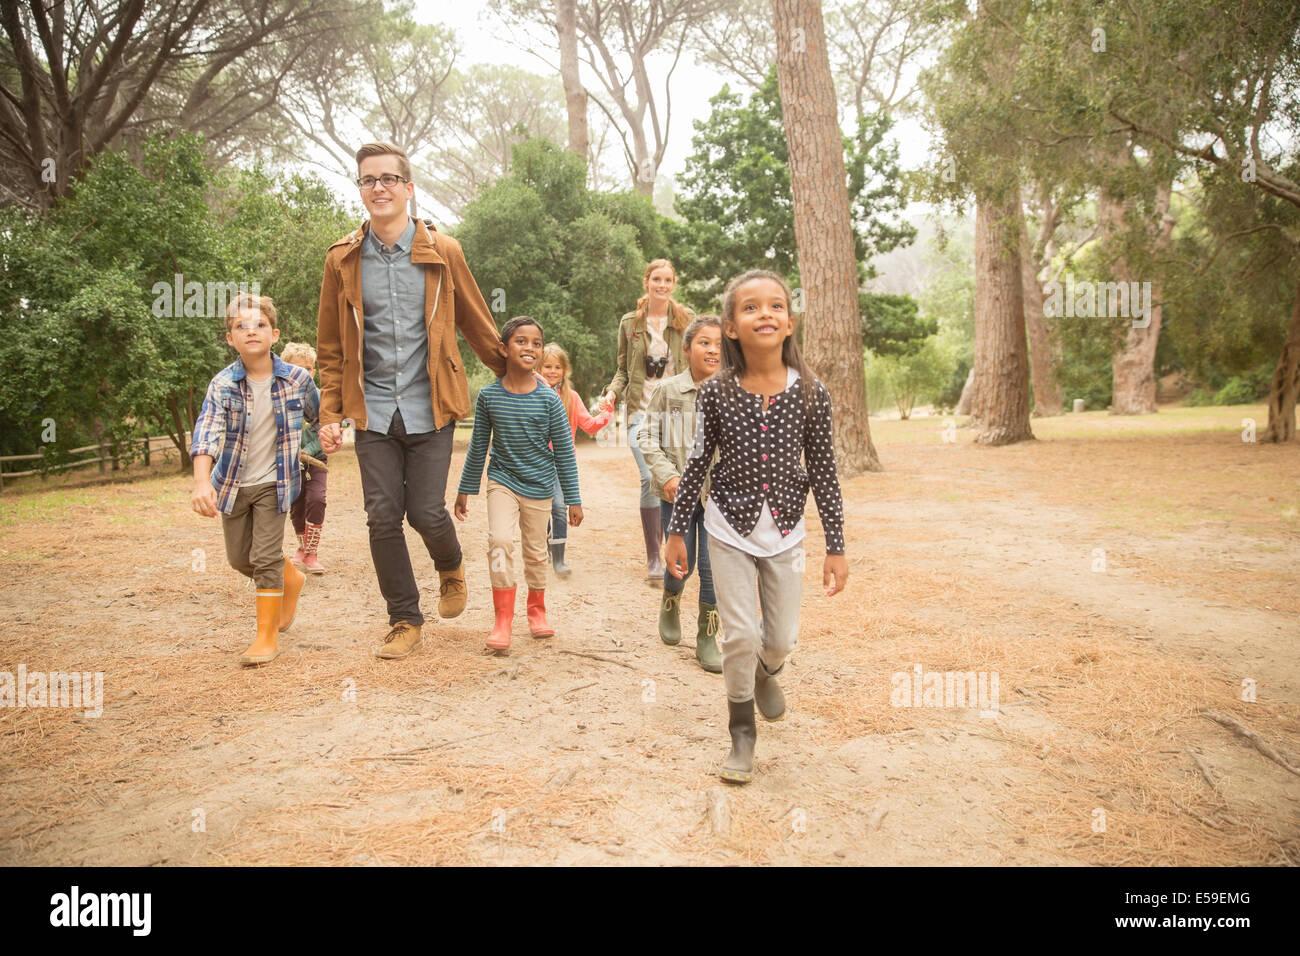 Estudiantes y profesores caminar al aire libre Imagen De Stock